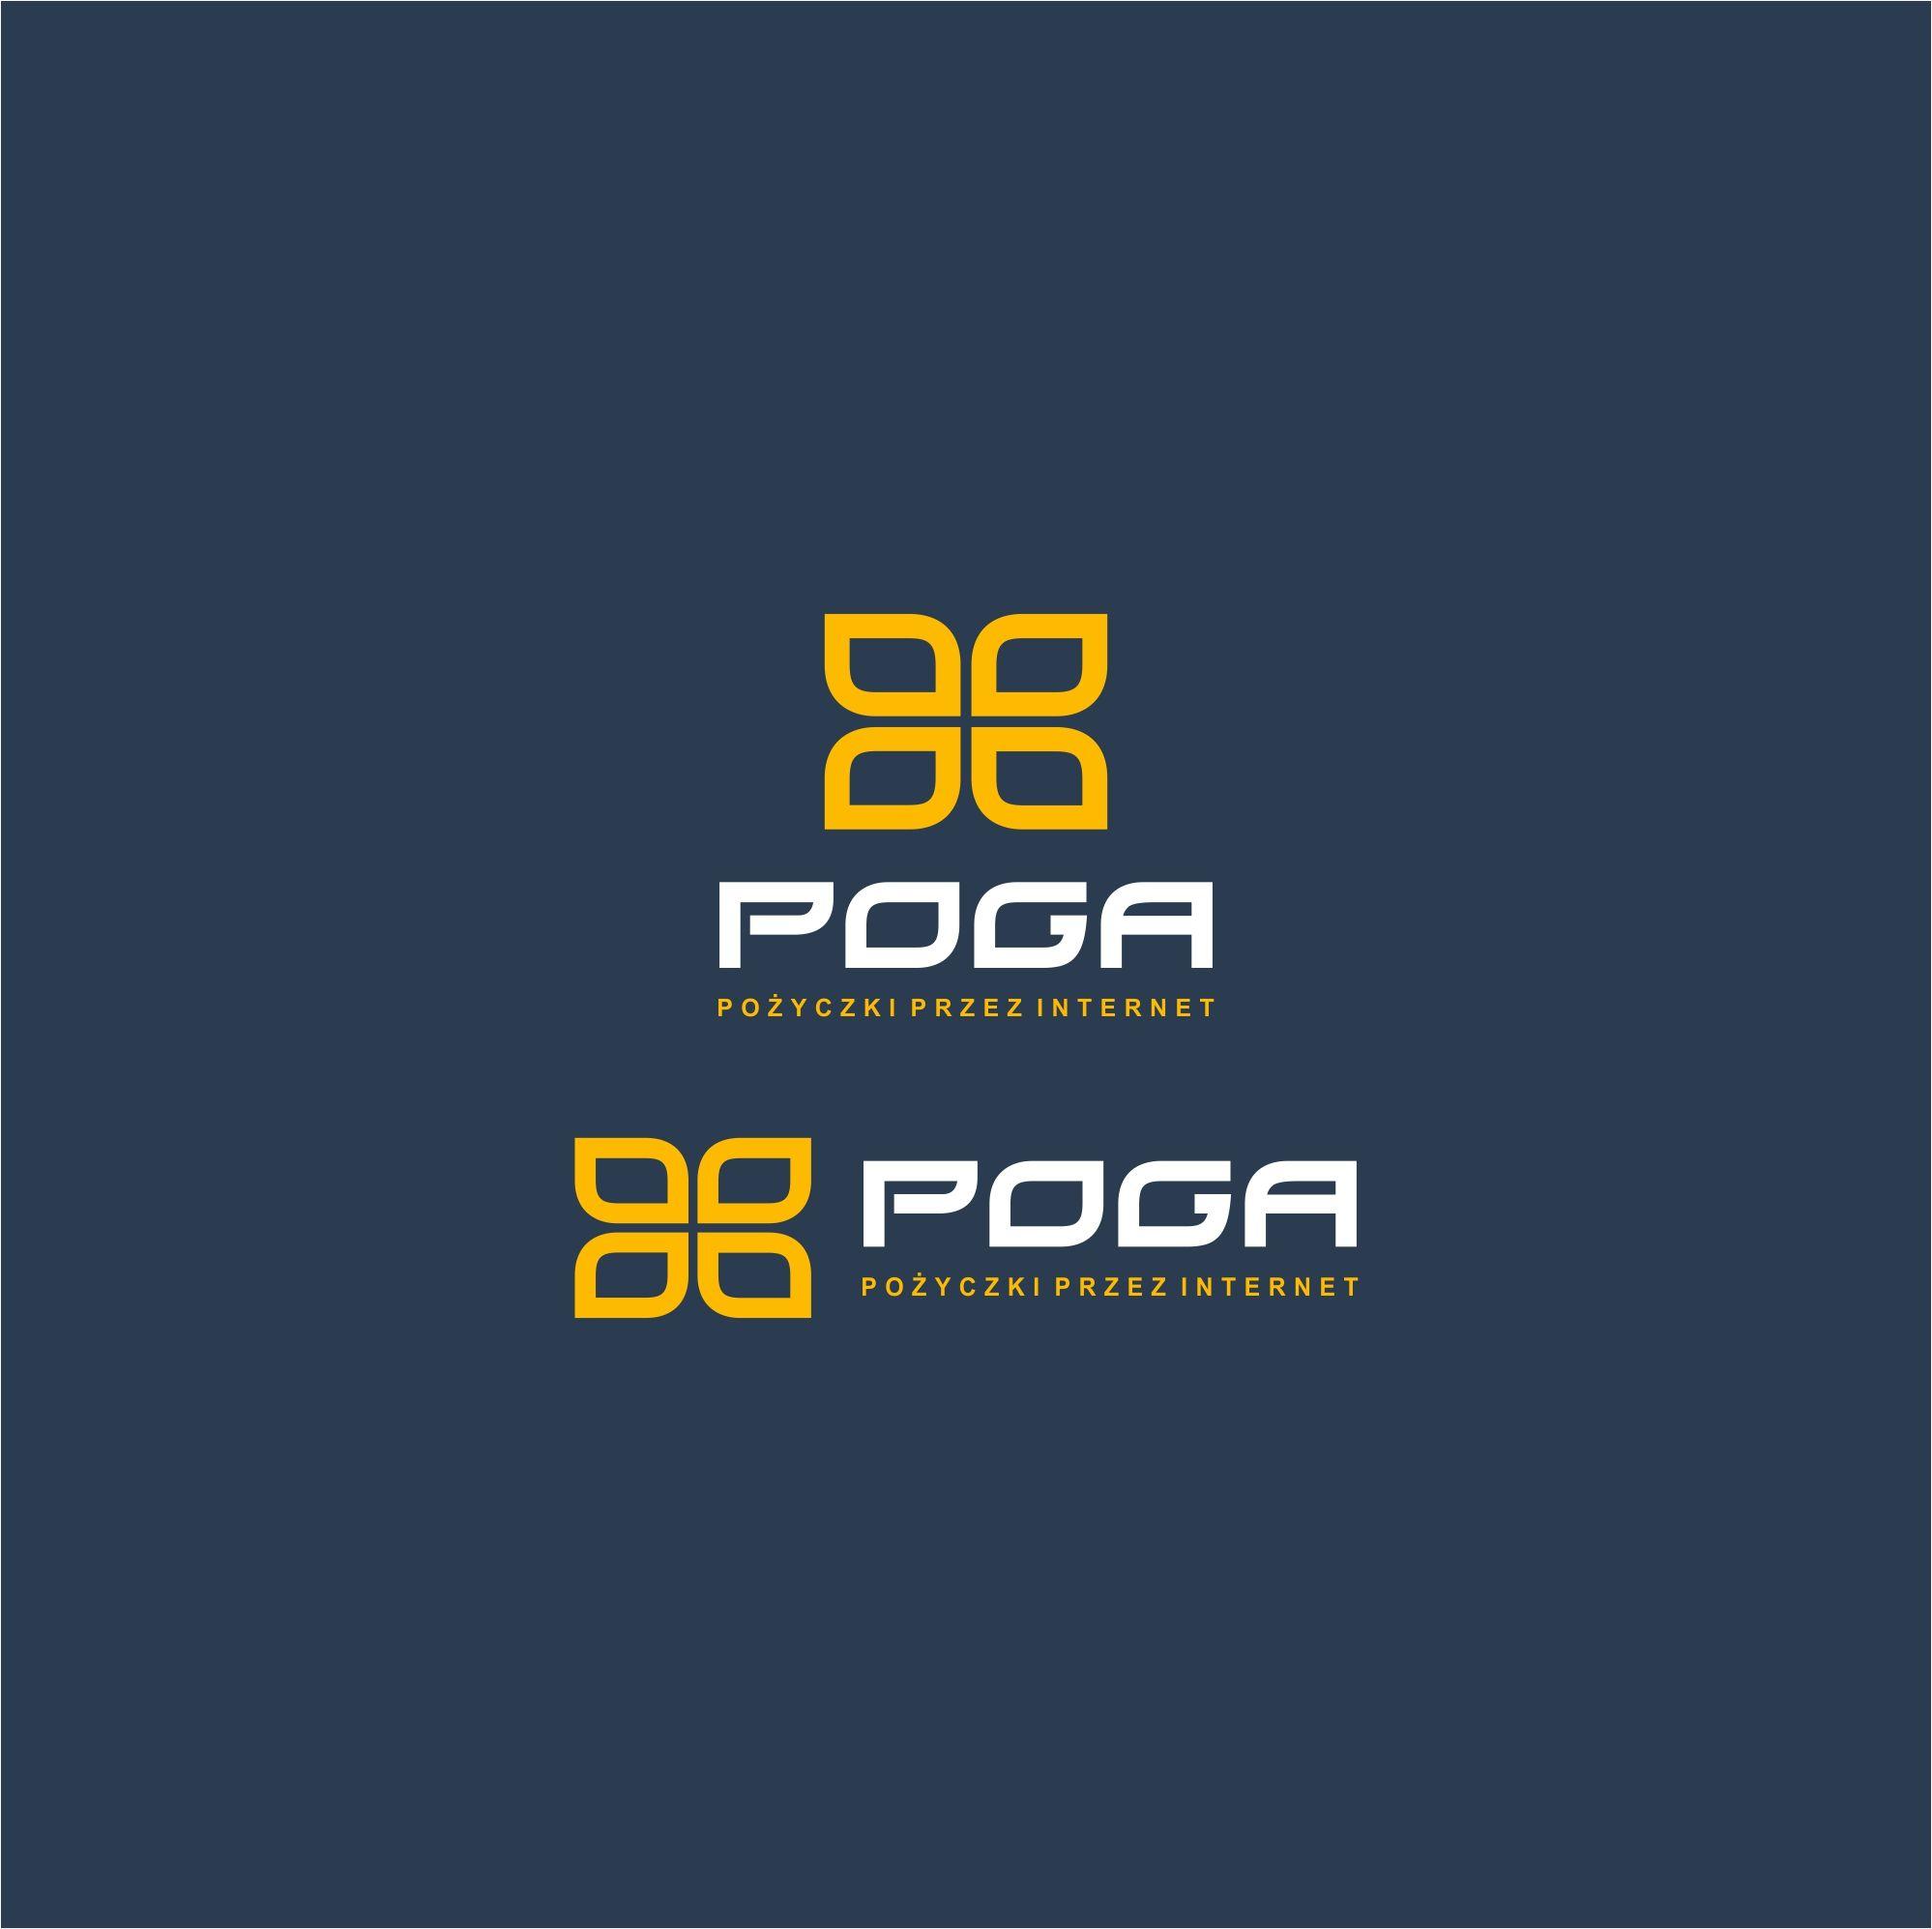 Логотип для POGA или POGA.pl - дизайнер serz4868